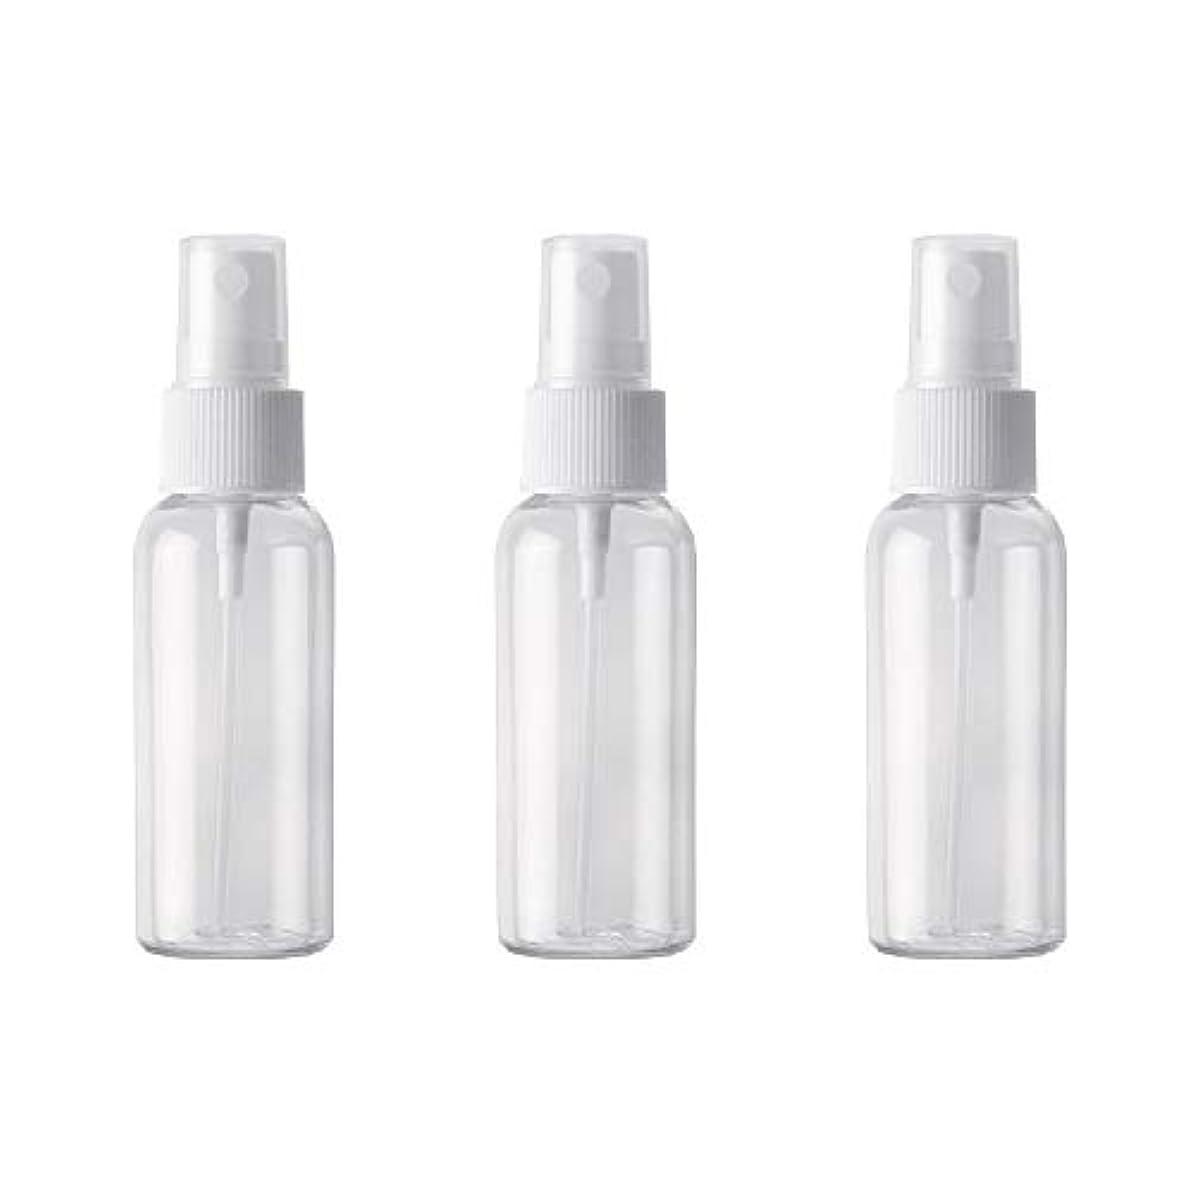 島遺産武装解除Flymylion 小分けボトル スプレーボトル 50ml おしゃれ 空ボトル 3本セット 環境保護の材料 PET素材 化粧水 詰替用ボトル 旅行用品